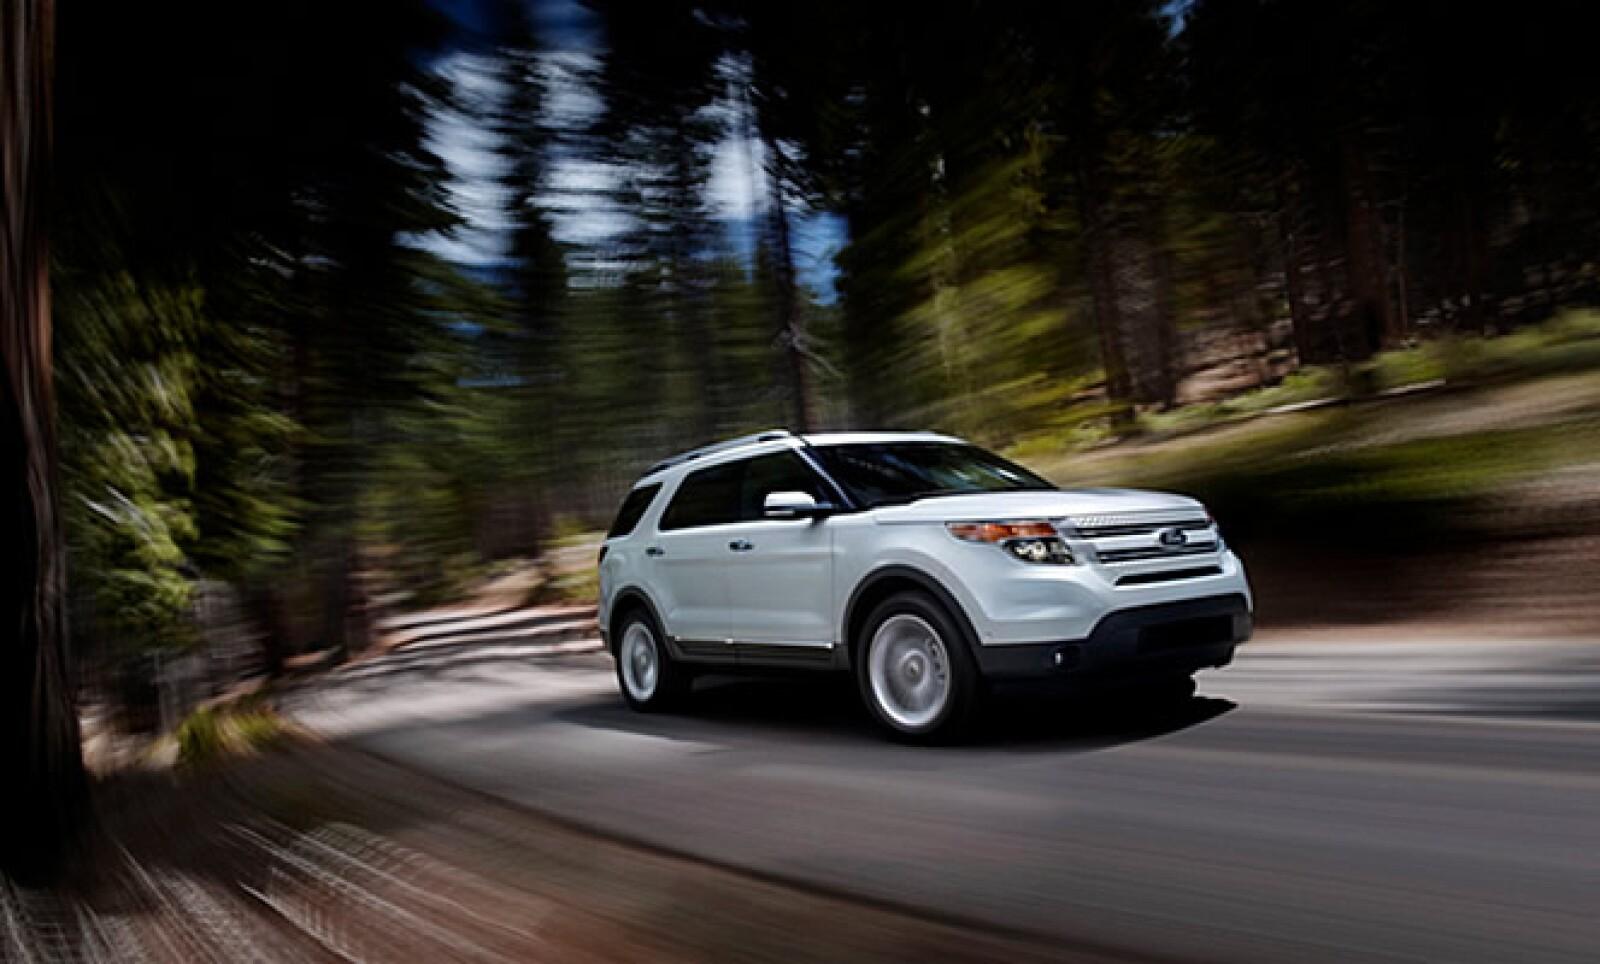 La firma presentó la nueva Explorer 2011, una camioneta con líneas musculosas y superficies que recuerdan al modelo Taurus, también de la empresa automotriz.